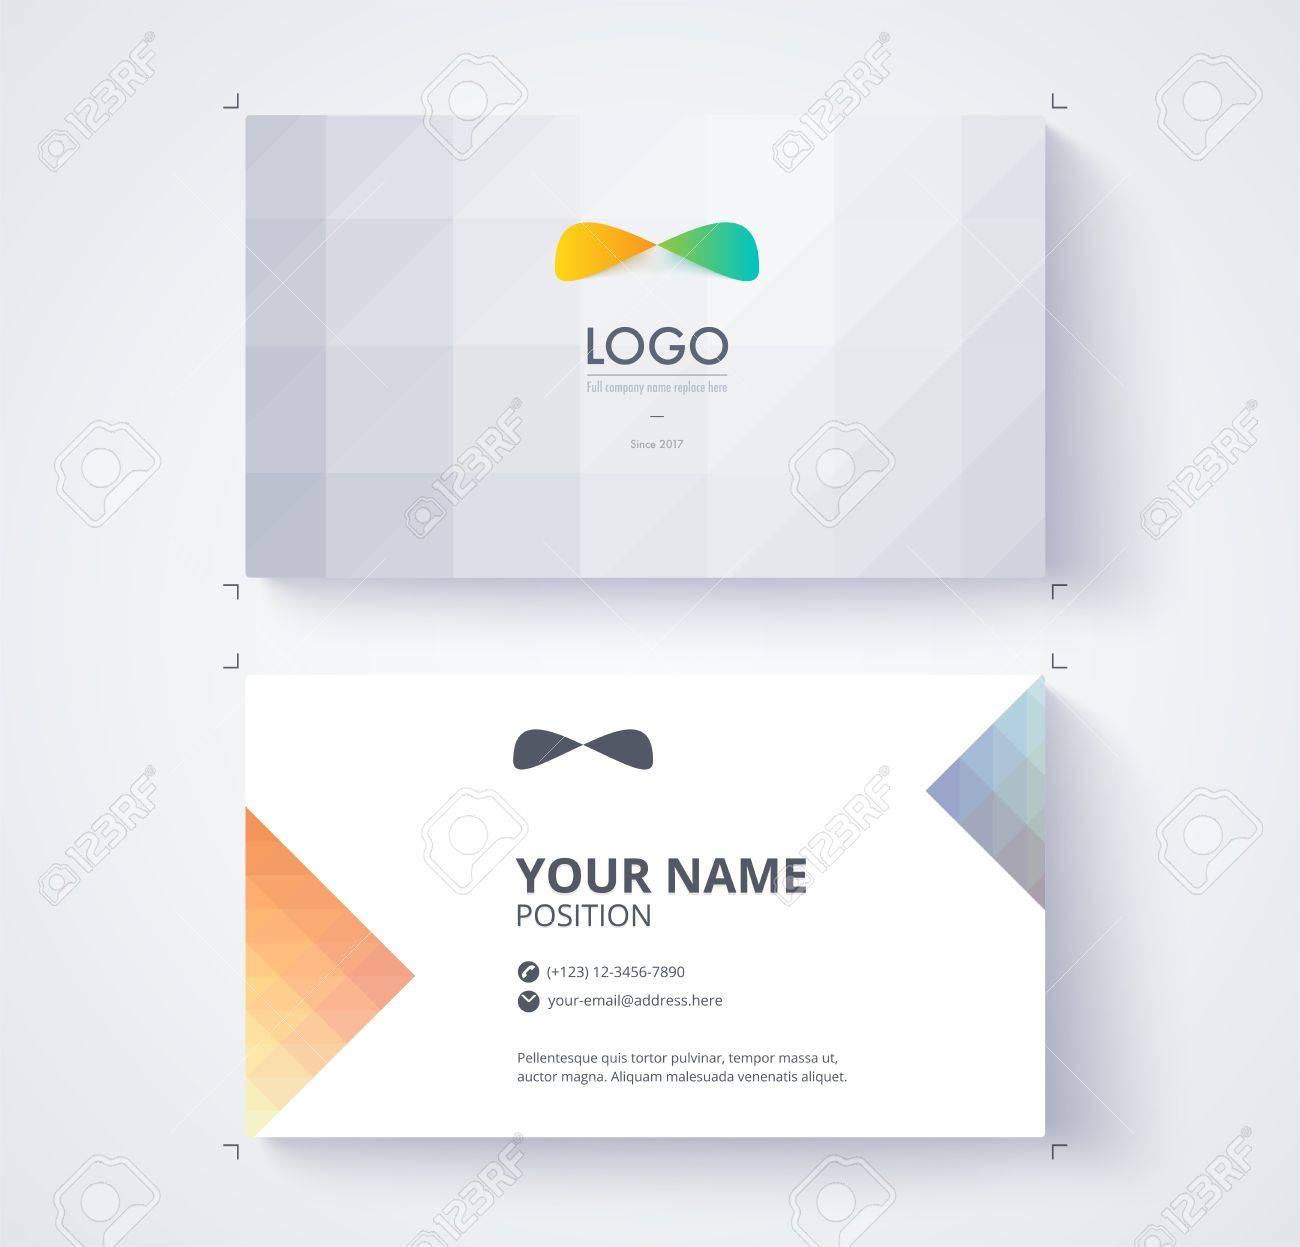 Modele De Carte Visite Exemple Logo Et Position Du Texte